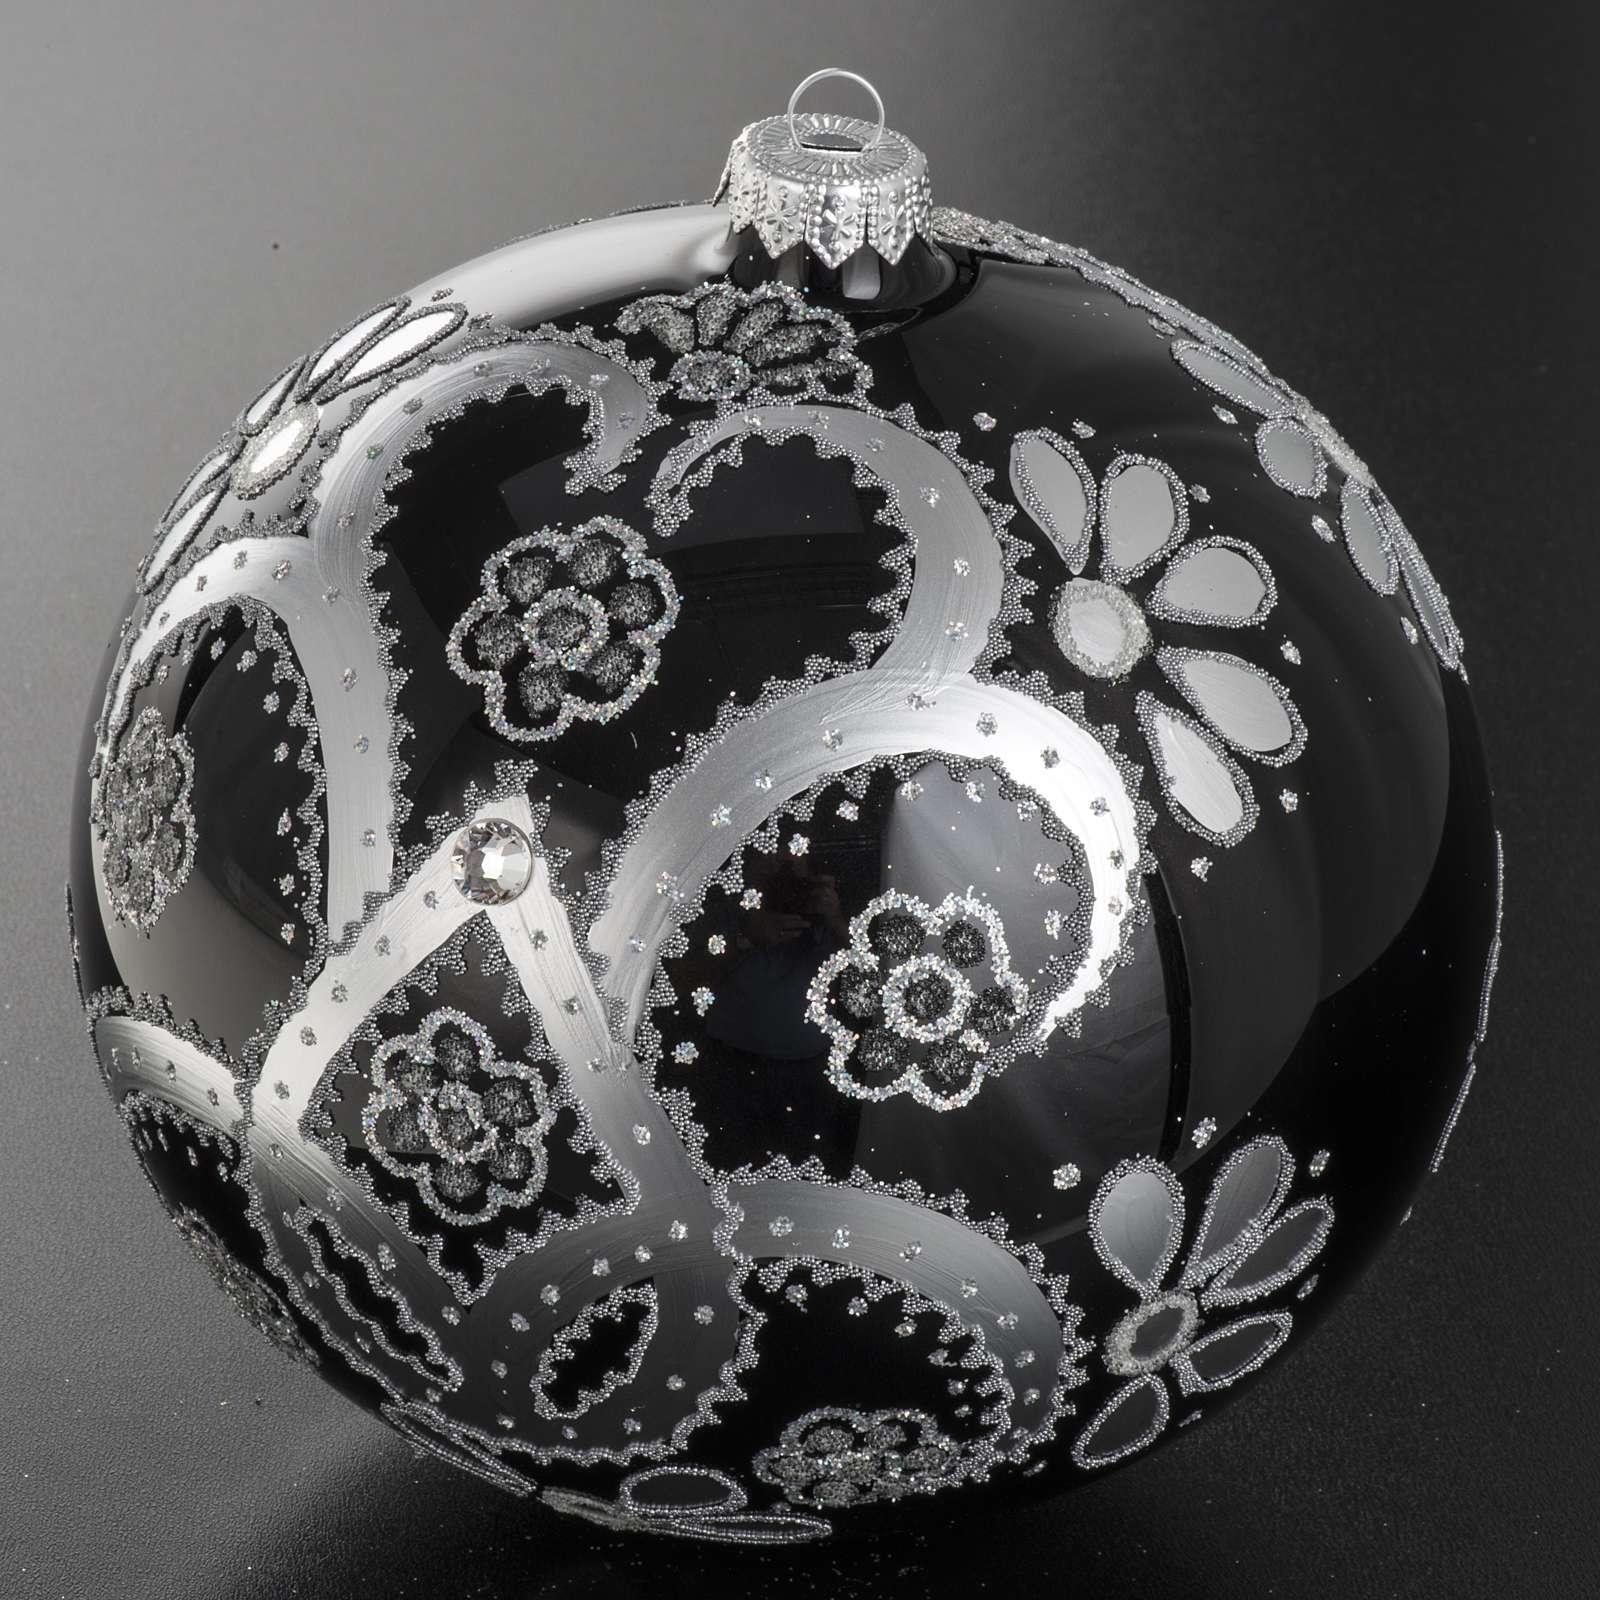 Addobbo albero vetro soffiato nero argento 15 cm 4